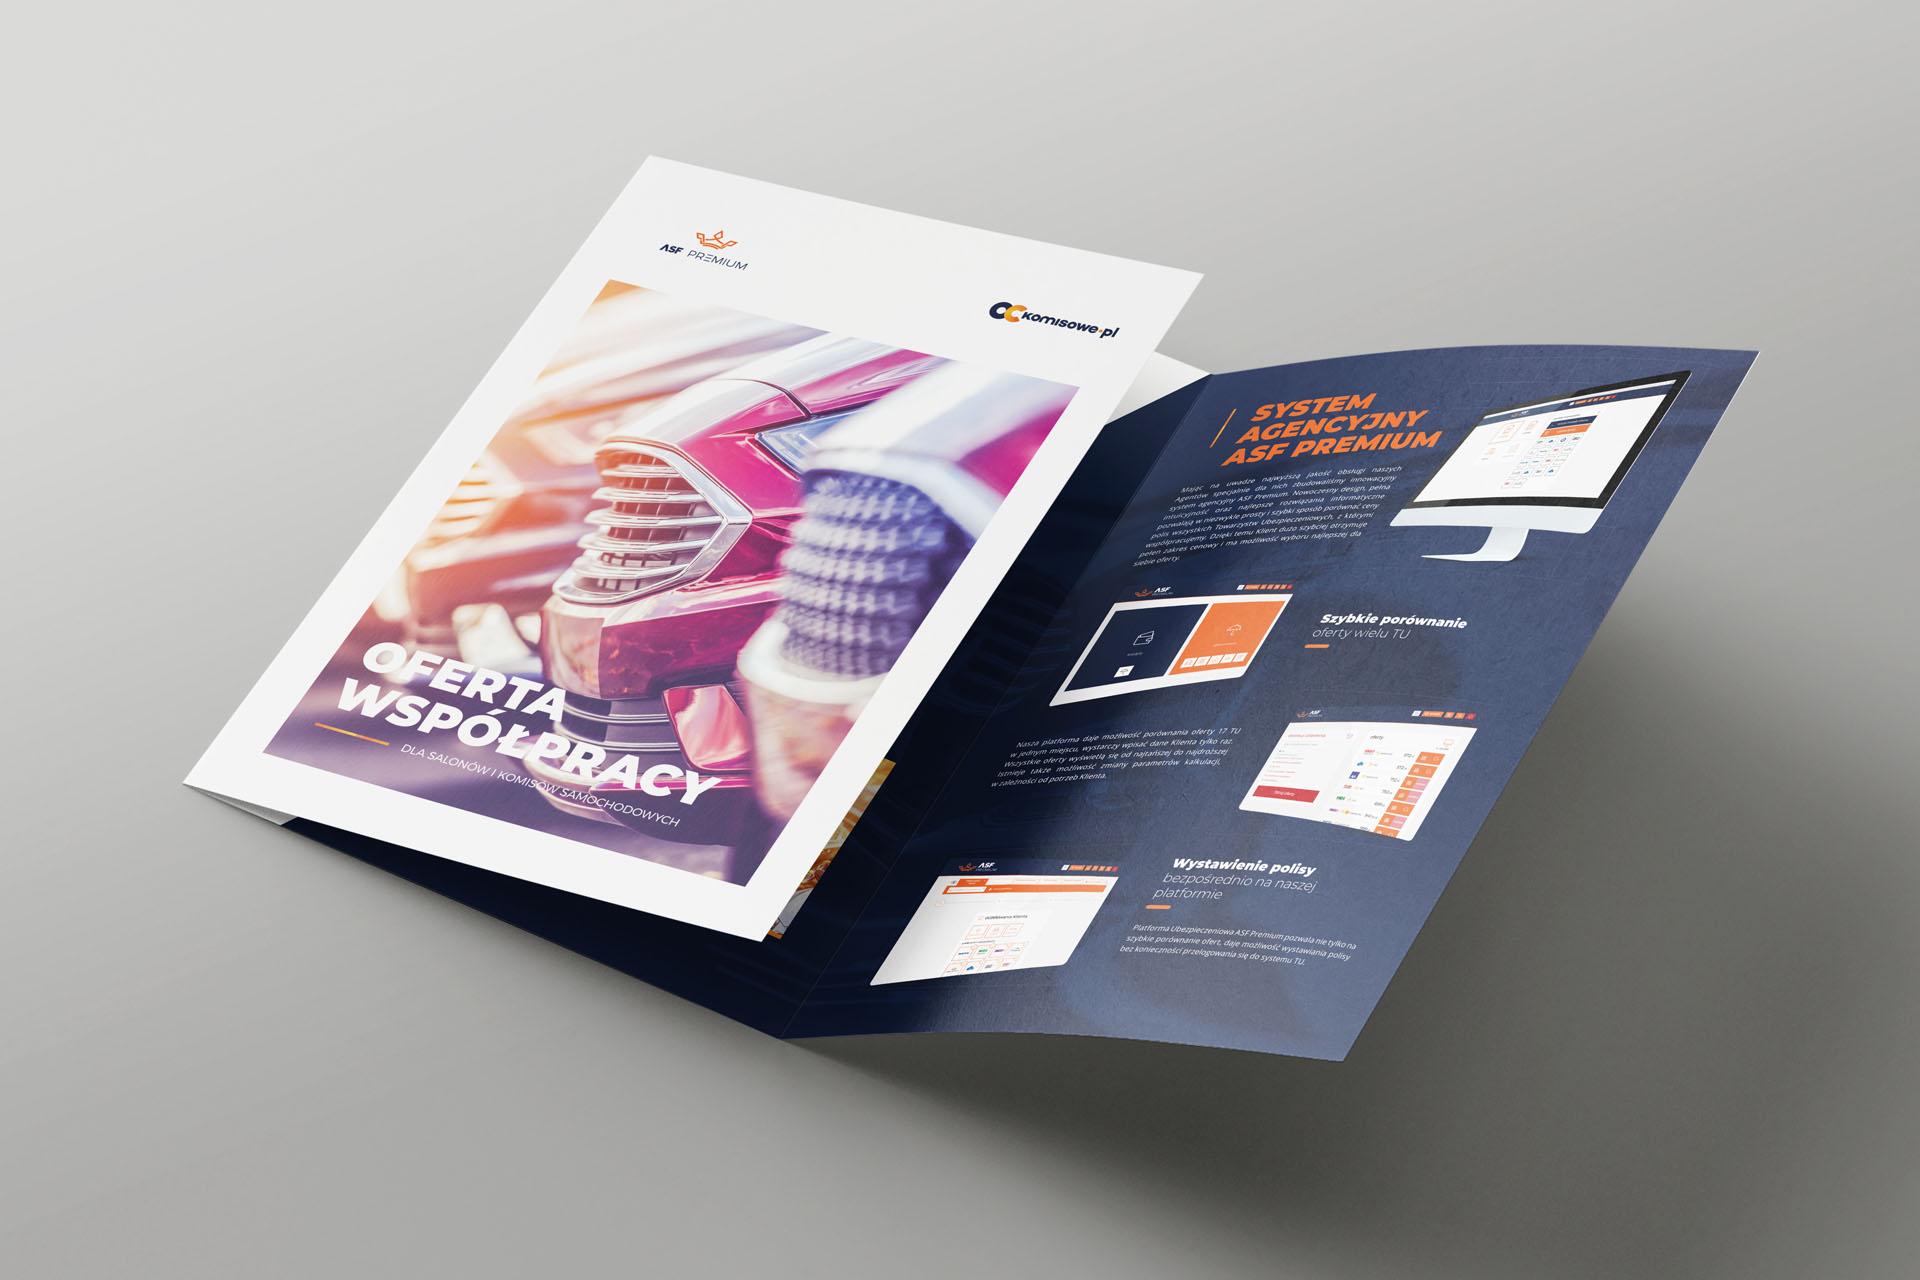 ASF Premium, OCkomisowe.pl, Ulotka 3xA4